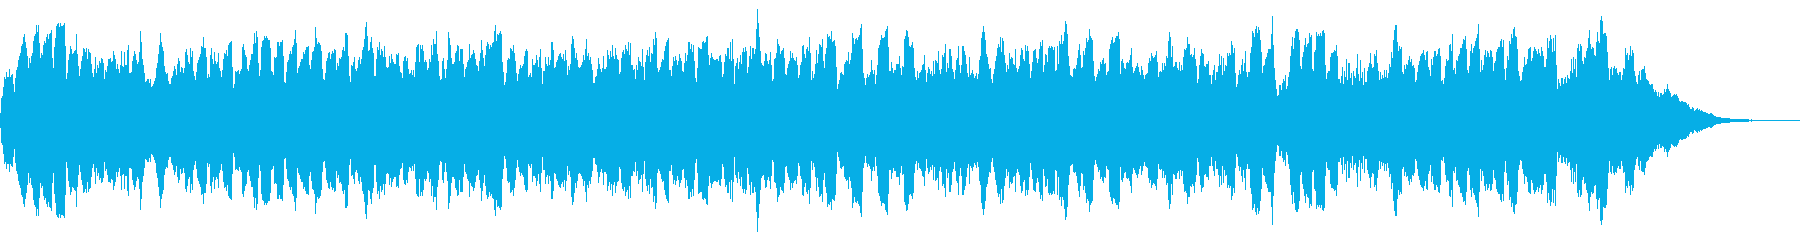 覚悟のテーマ30秒BGMの再生済みの波形